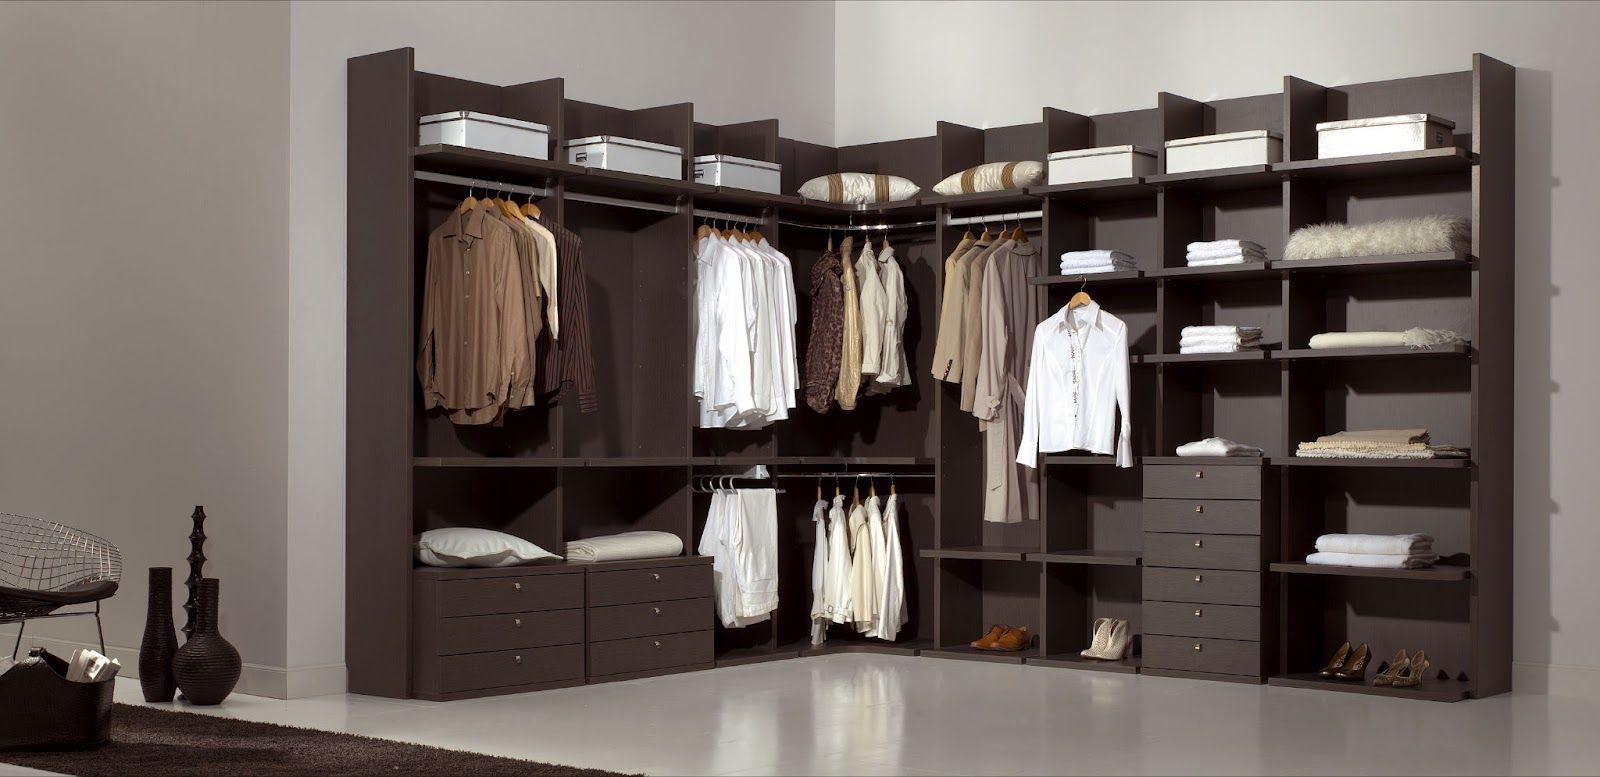 Vestidor Barato Amazing Consejos Tiles Para El Uso De Armarios Y  # Muebles Vestidor Baratos